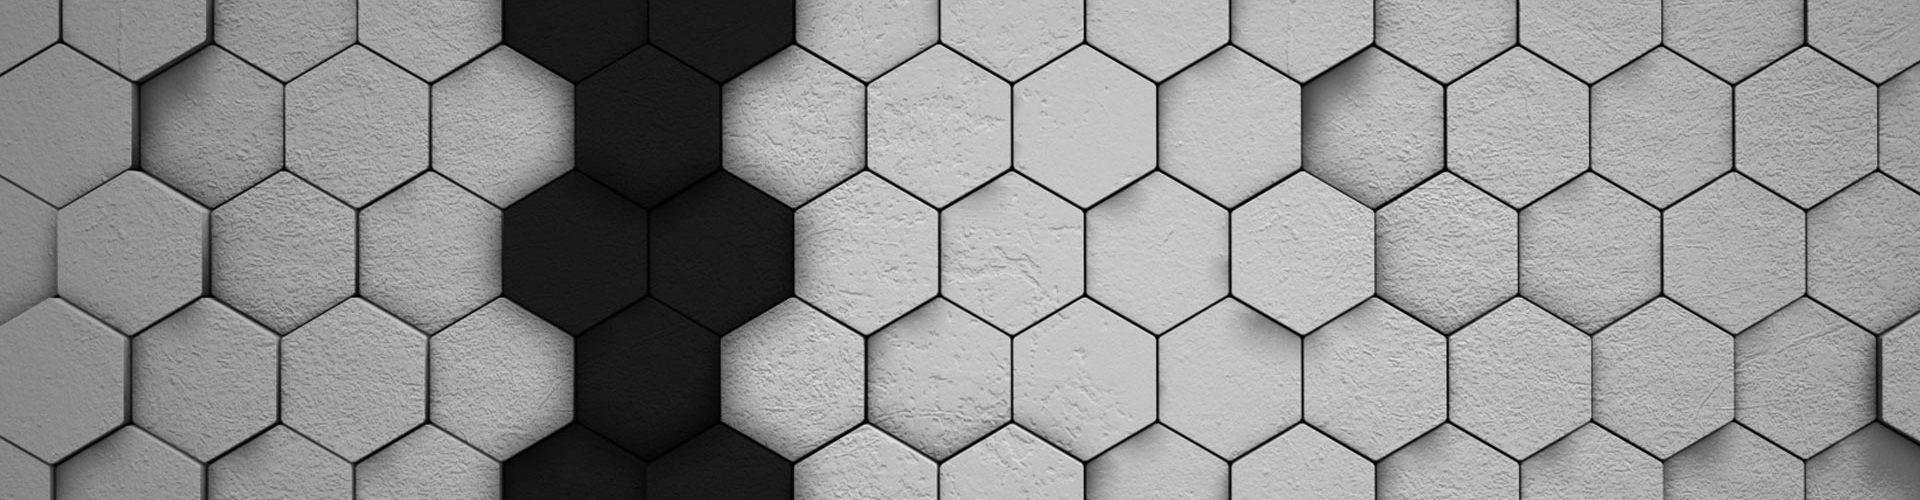 static/img/hexagon.jpg